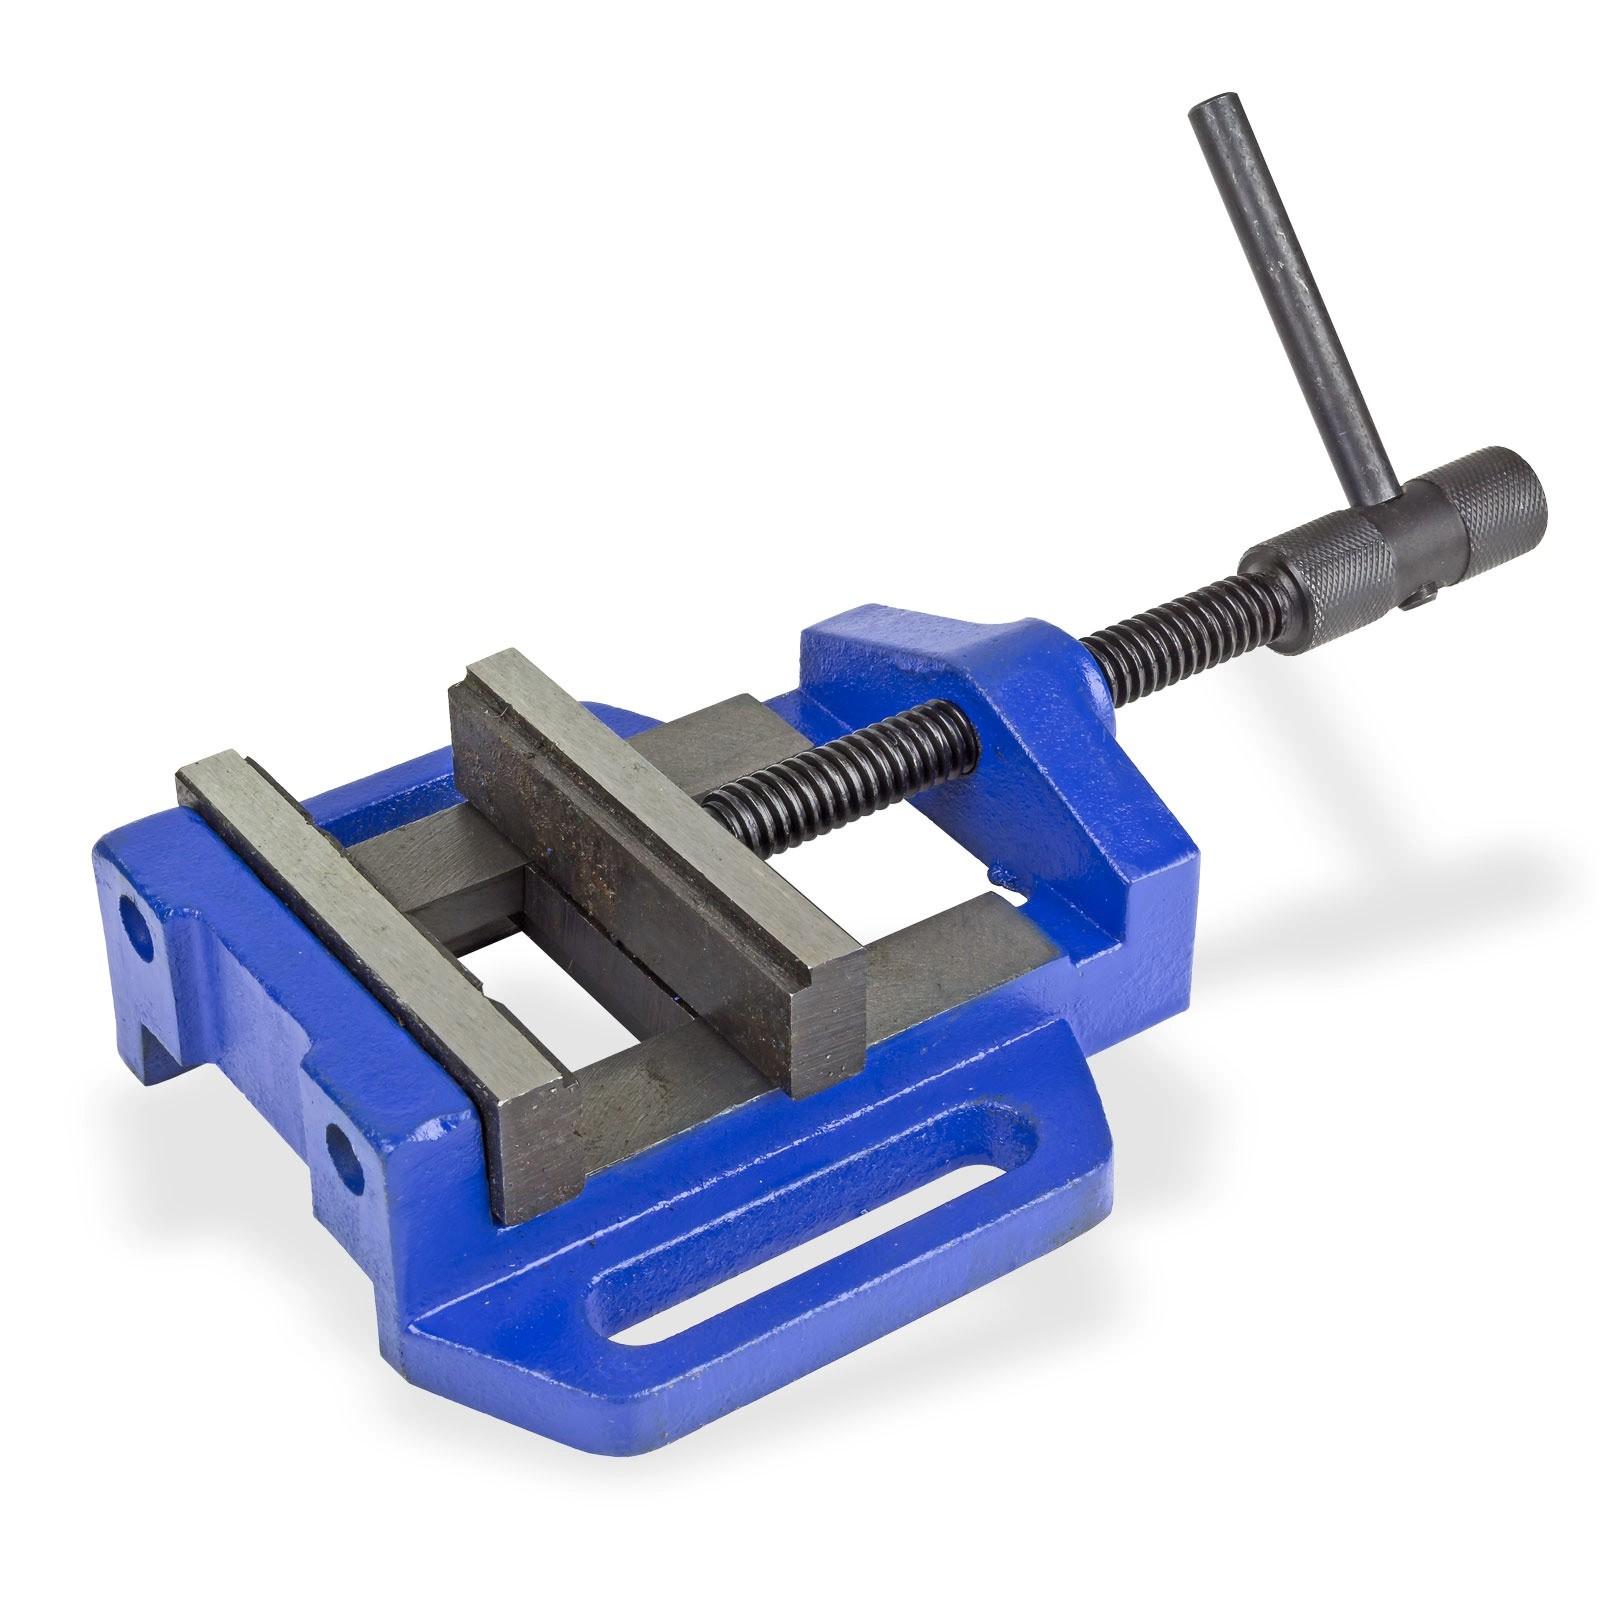 Dema Maschinenschraubstock Schraubstock Basic Tischbohrmaschine Säulenbohrmaschine var-Schraubstock